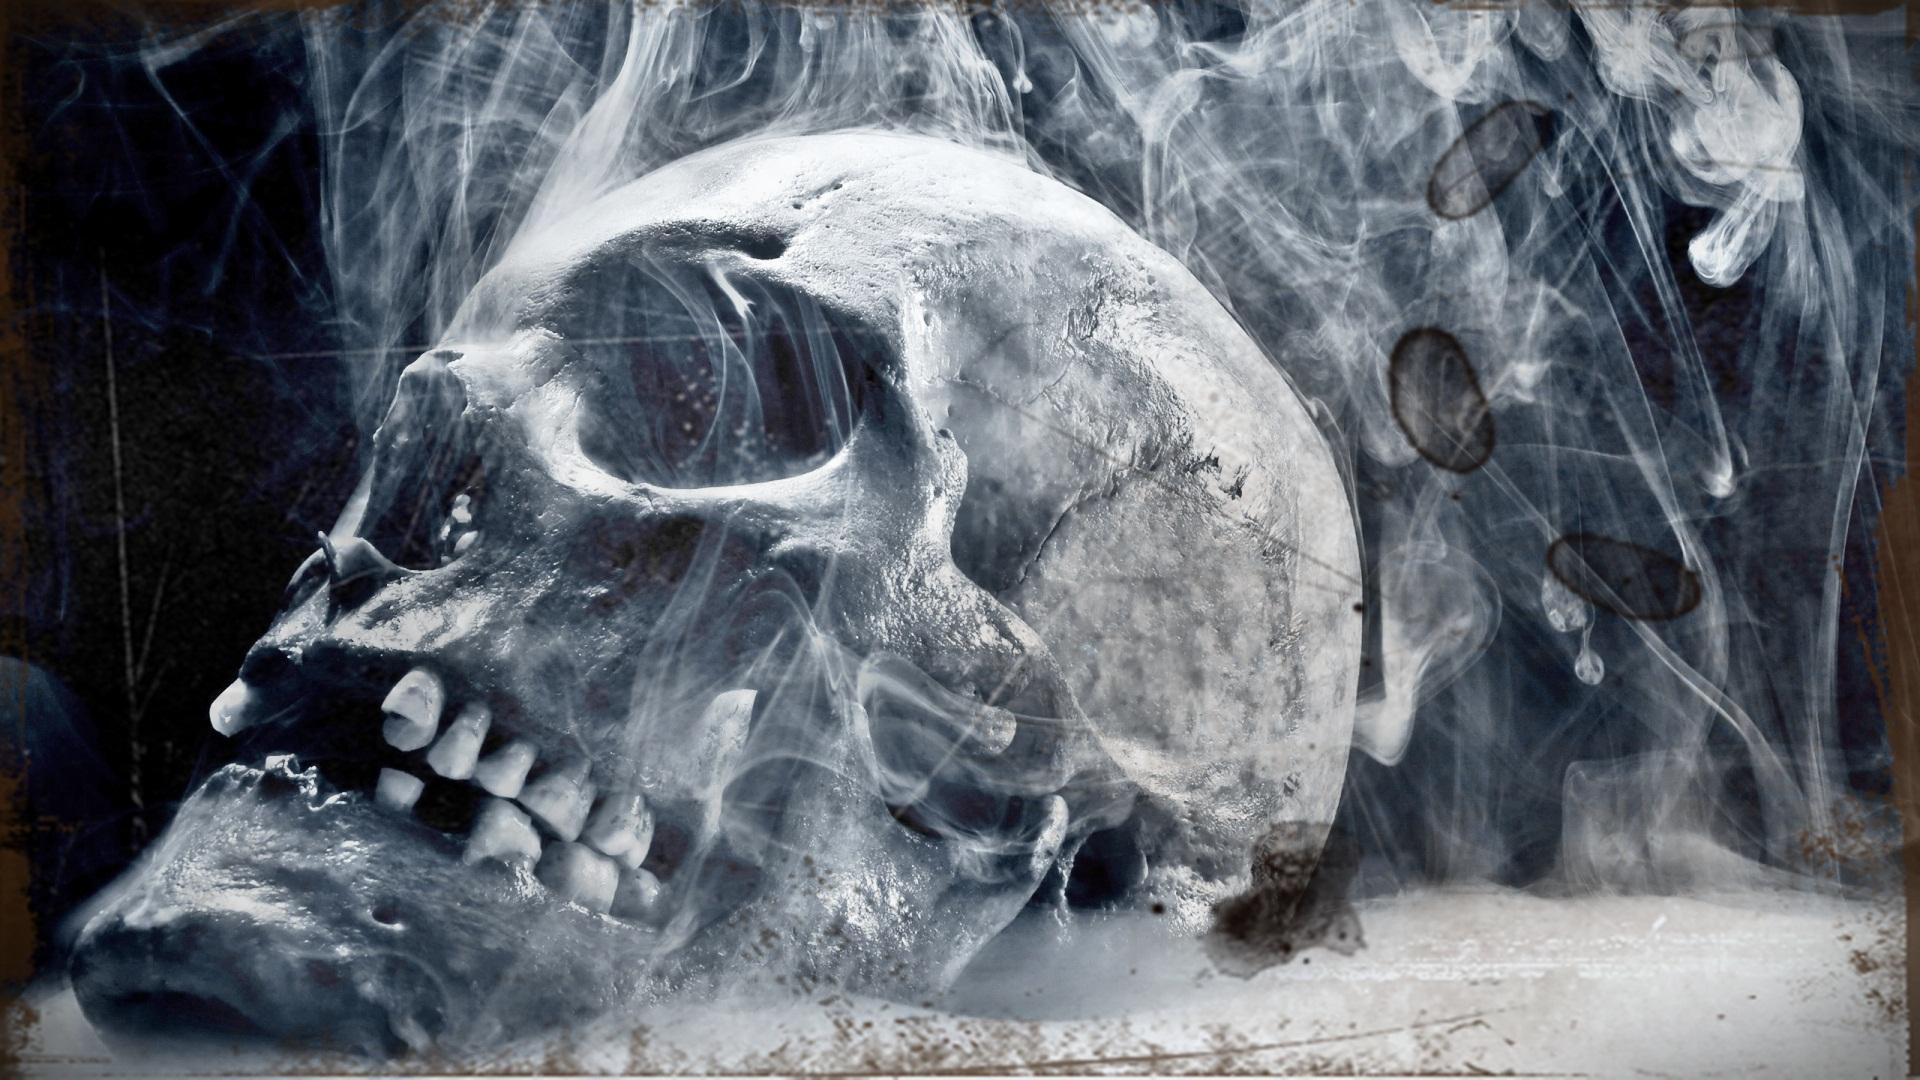 Skull 3d Wallpaper: Skull Wallpapers HD